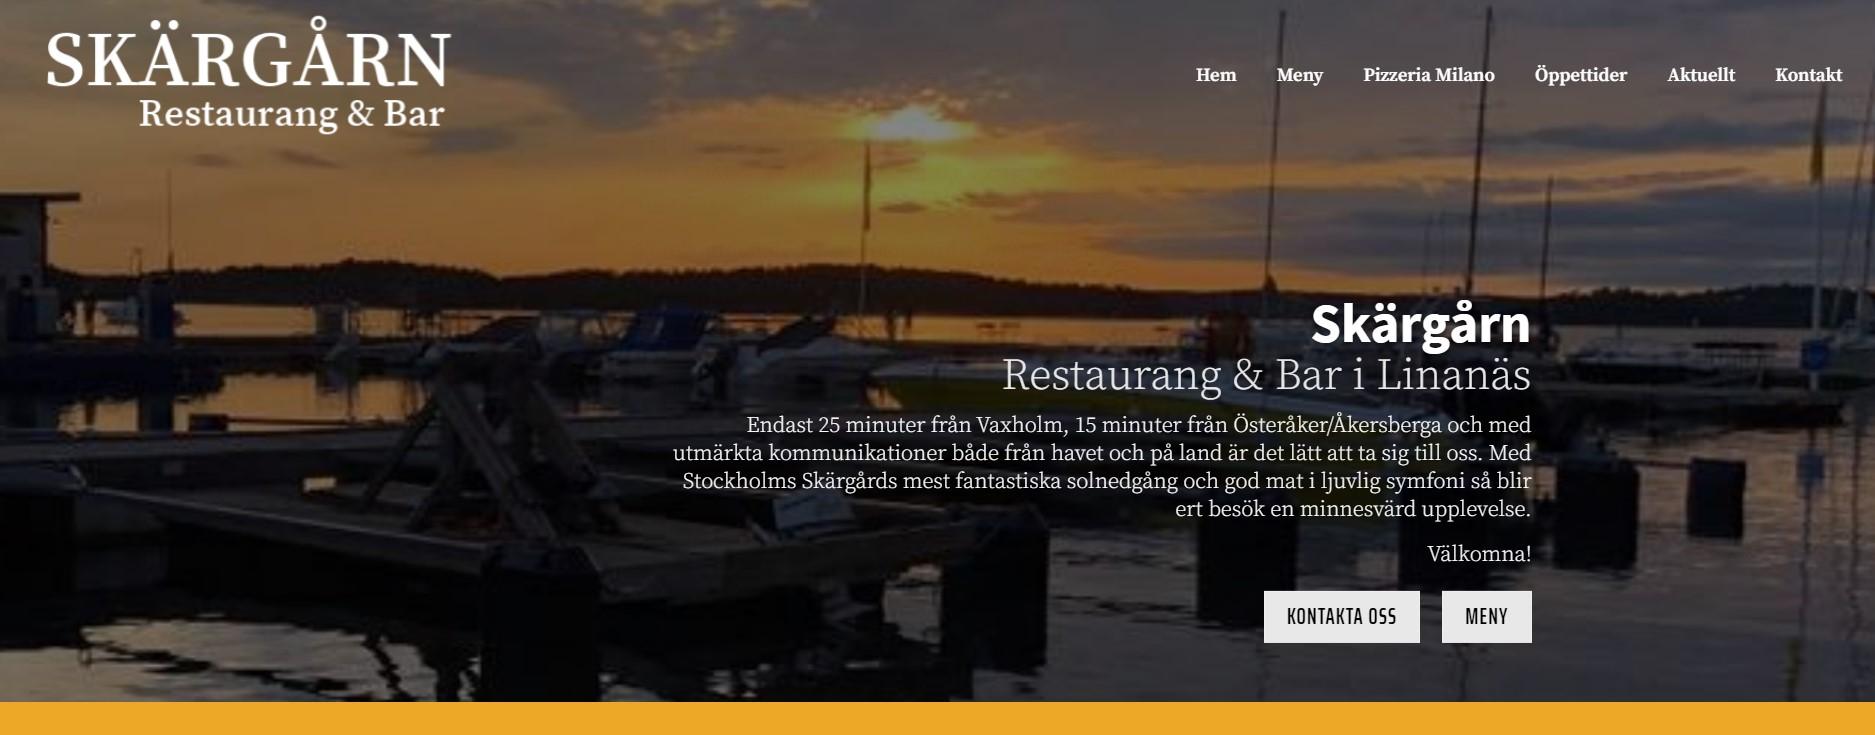 Bild: Restaurang Skärgården i Linanäs